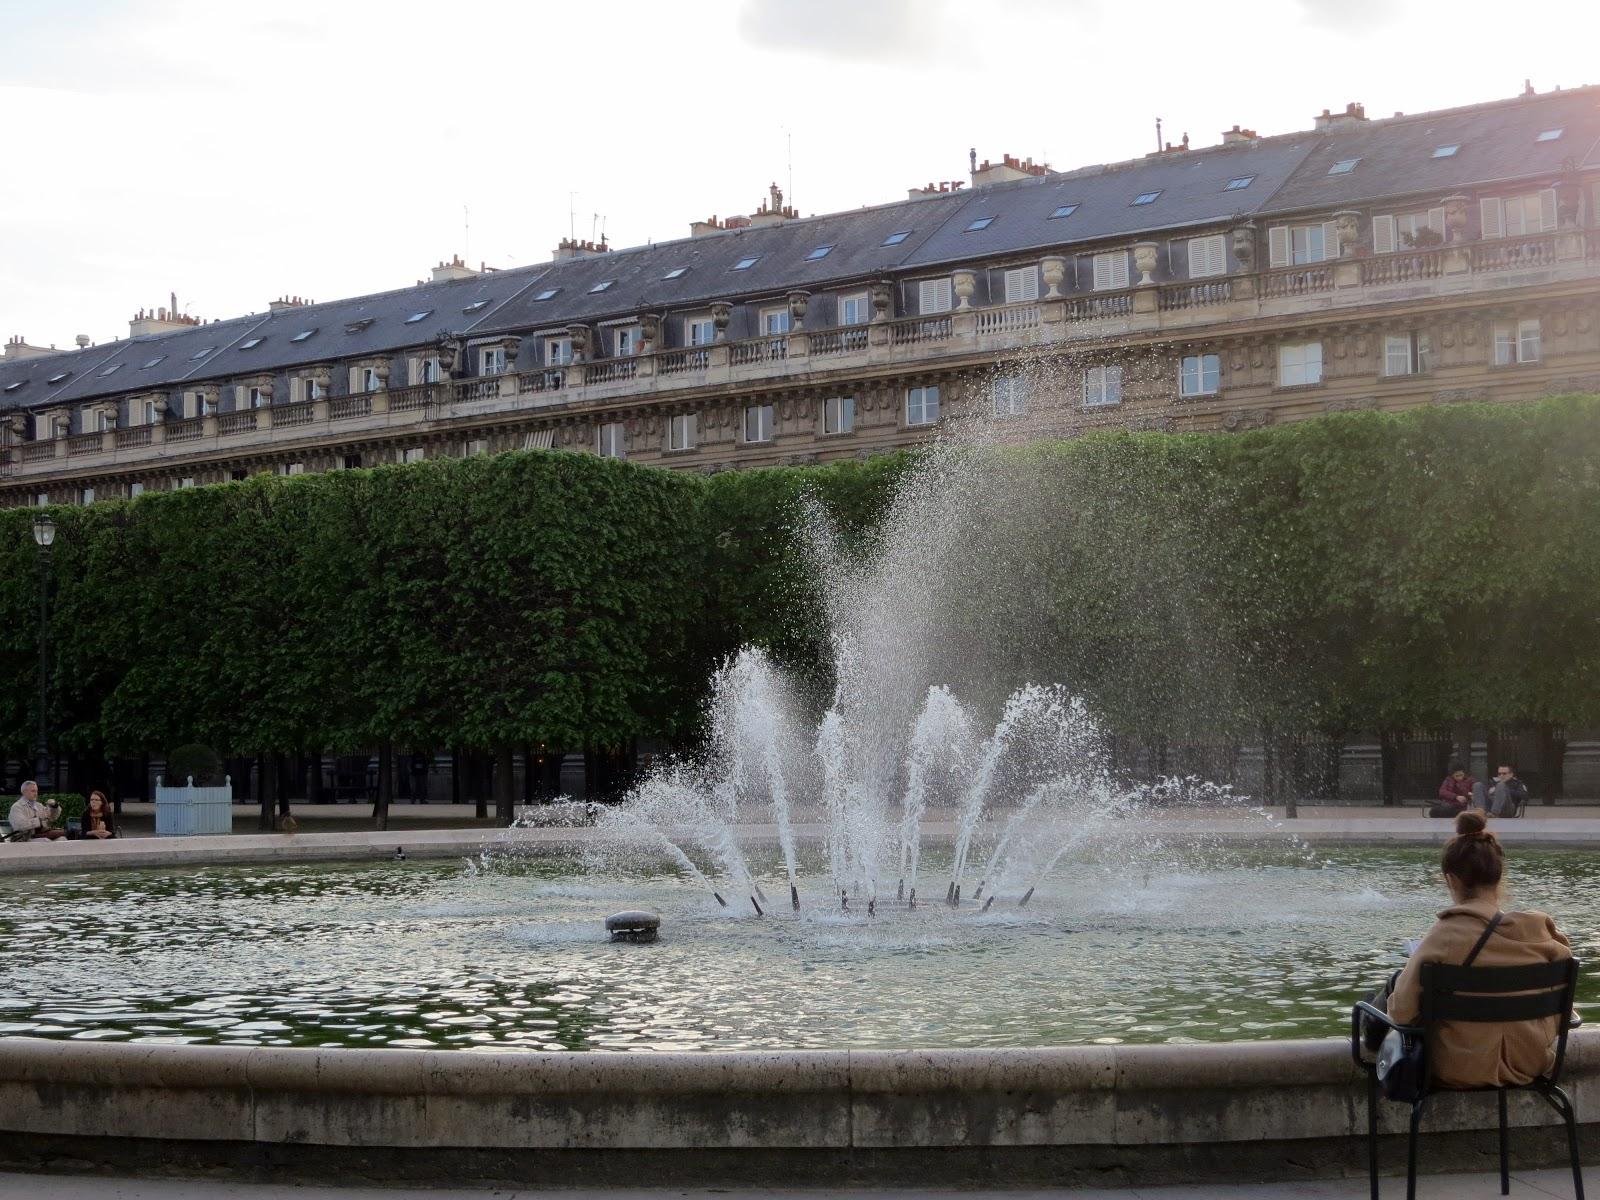 Femmes francophiles foire de paris and dinner at the palais royal - Exposants foire de paris 2017 ...